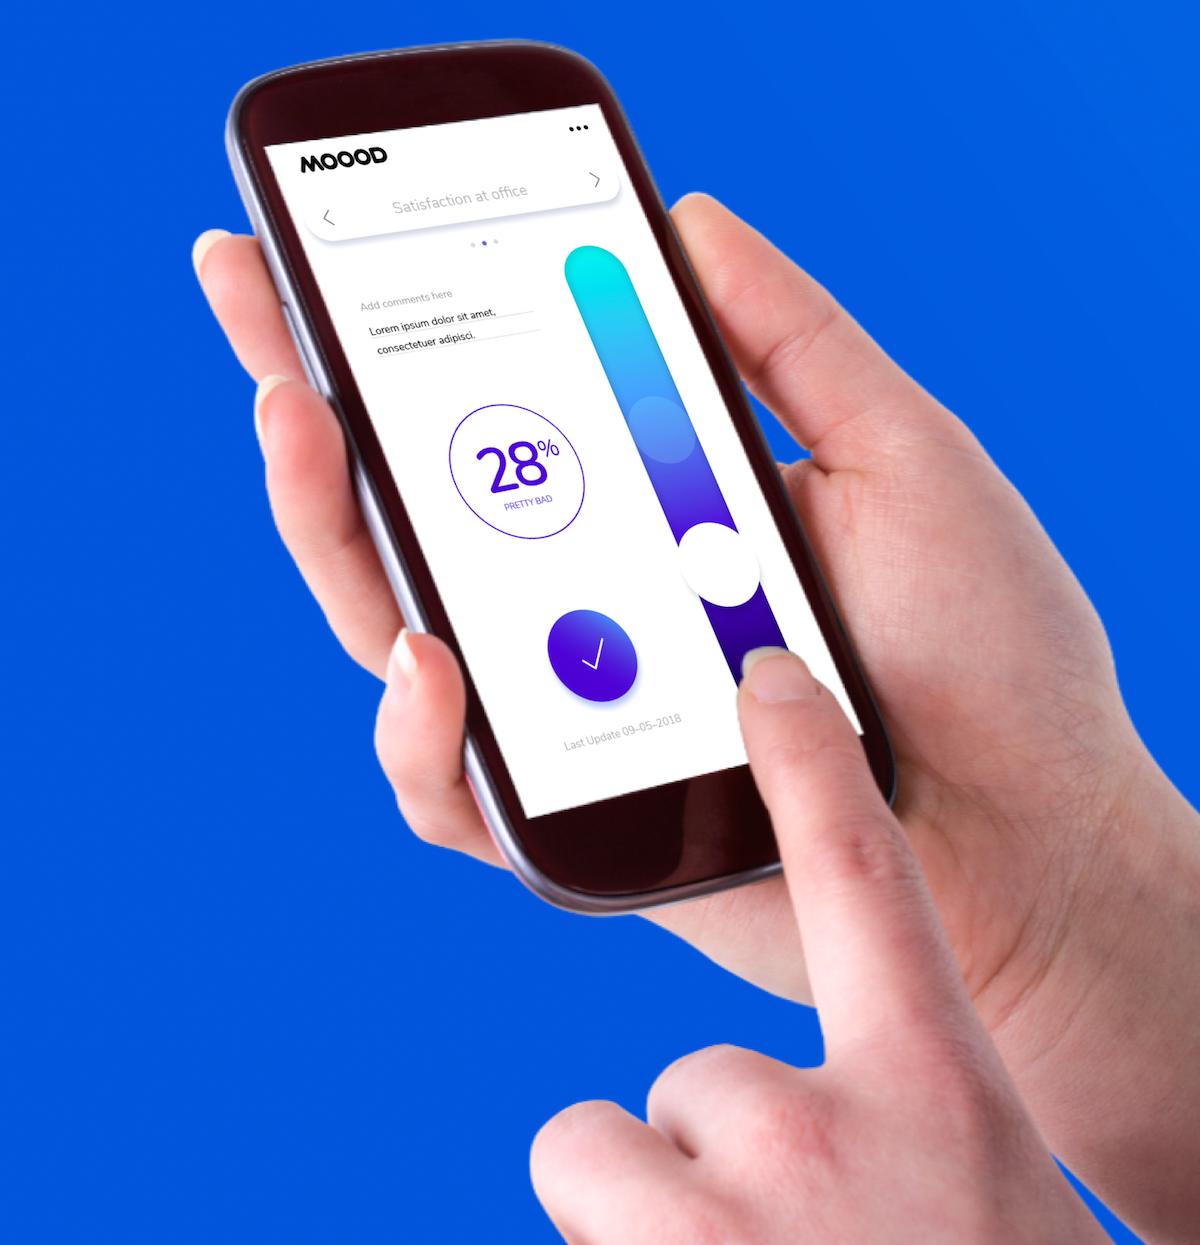 Aplikace Moood umožní zaměstnancům anonymně hodnotit vedení firmy